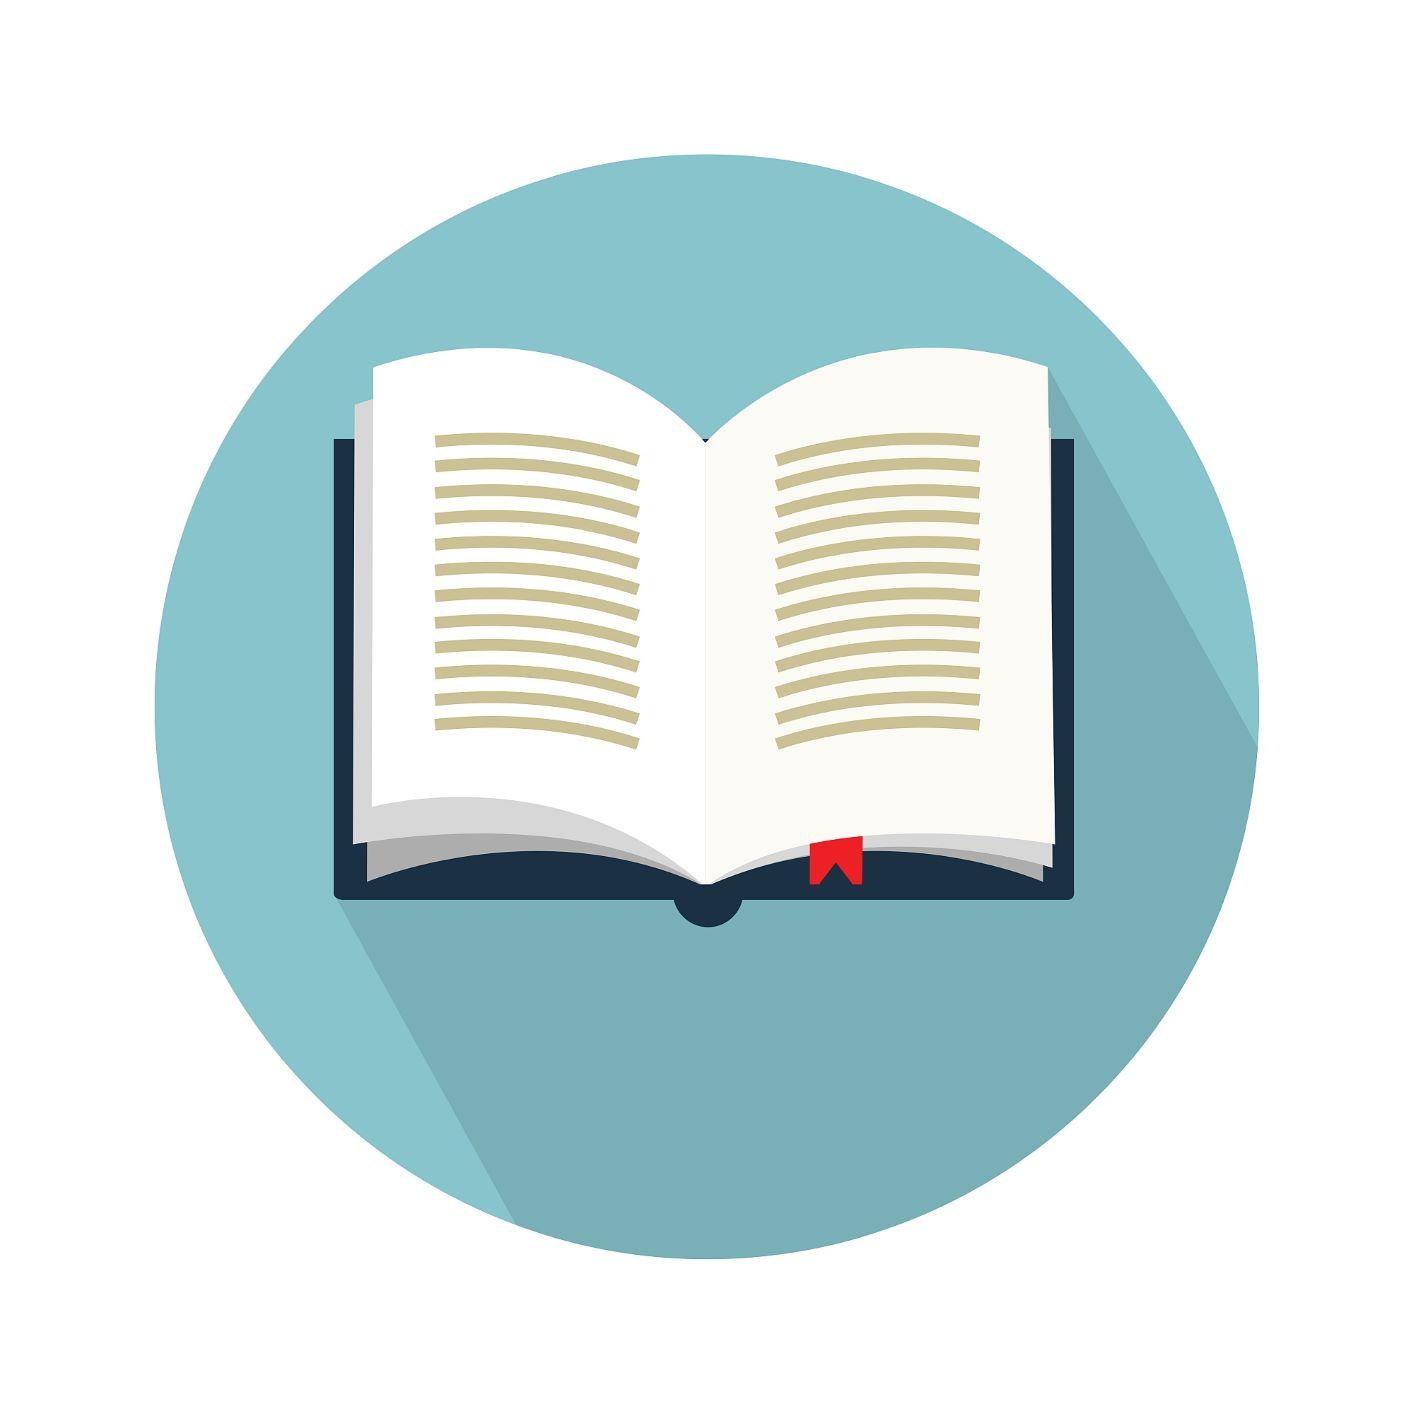 Moje ćwiczenia - Już czytam i piszę, klasa 1, cz.  2